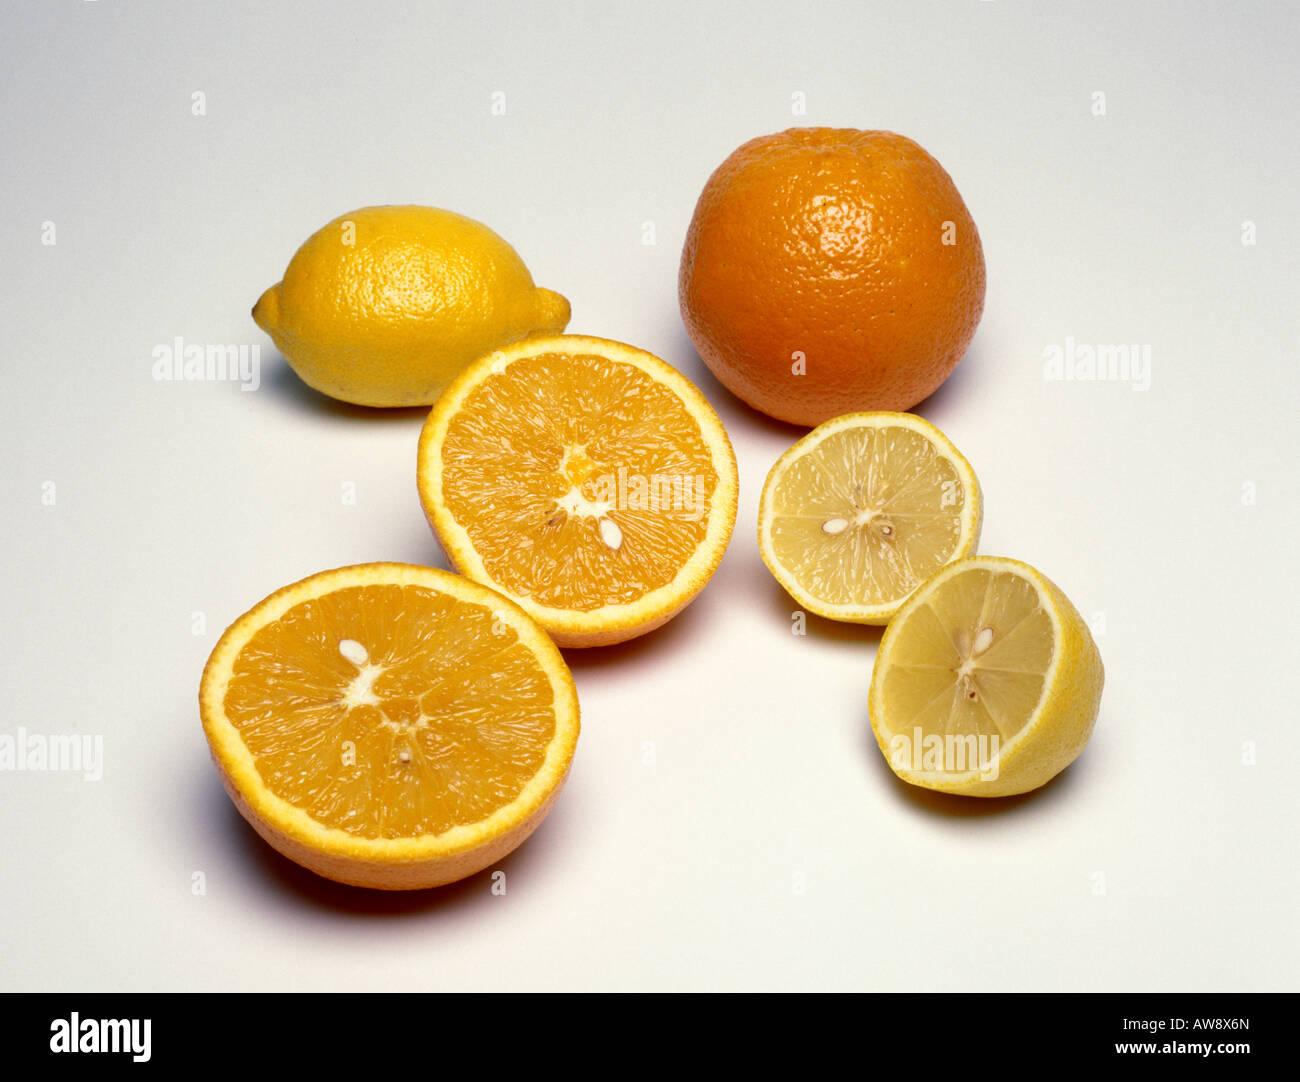 Una tutta arancione e un limone intero accanto a un limone tagliato a metà e un arancio tagliate a metà Foto Stock